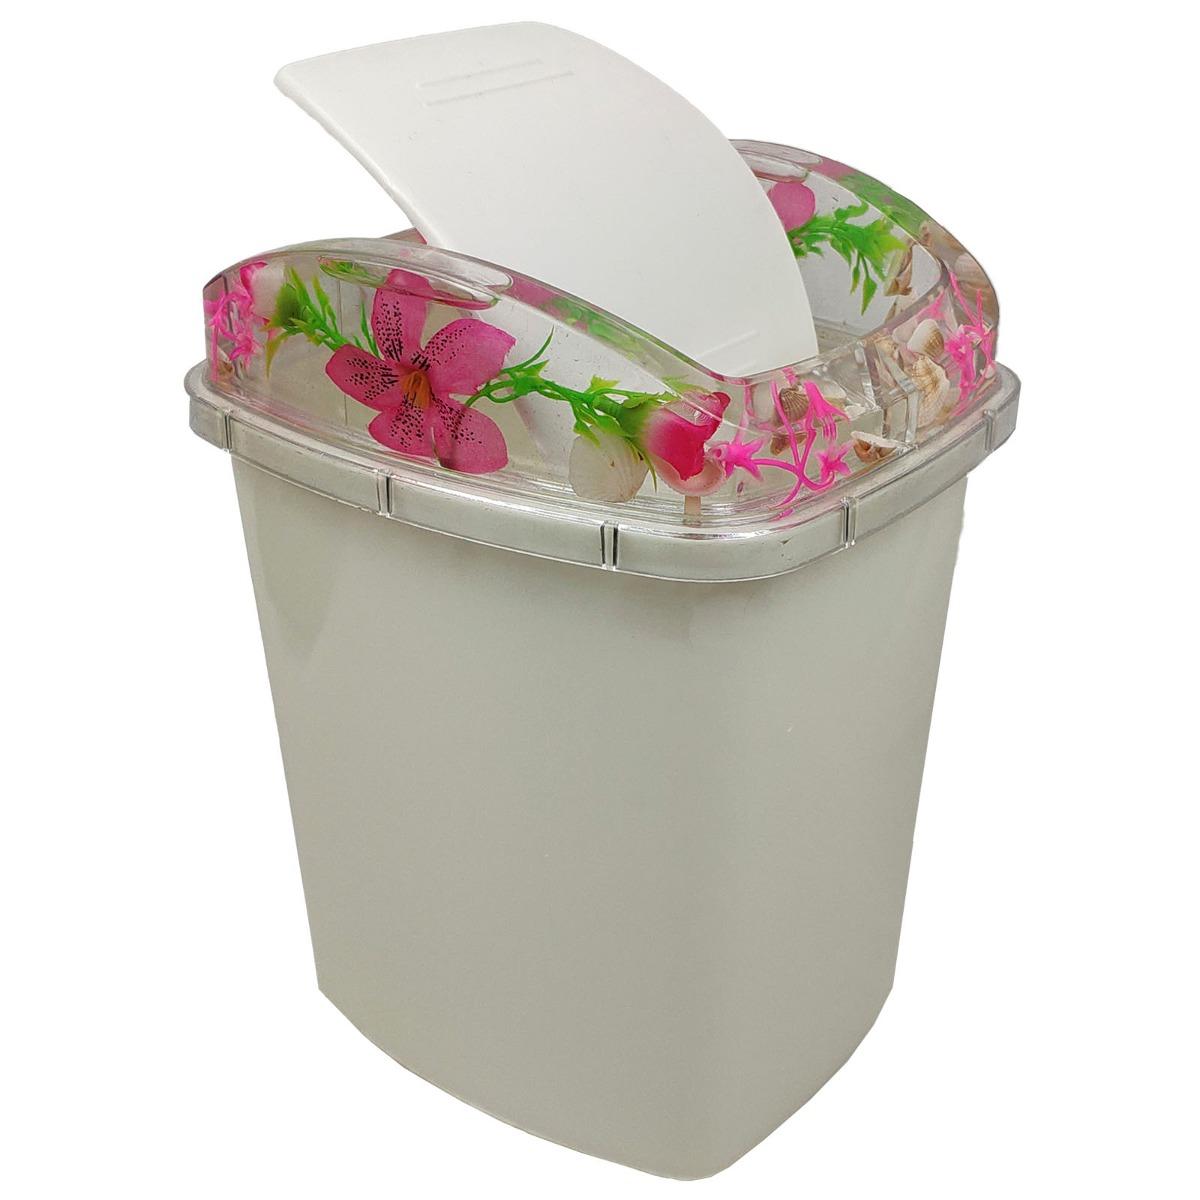 Acessórios Para Banheiro Acrílico Decoração Flutuante 5 Peça - R ... a7b42b8e013